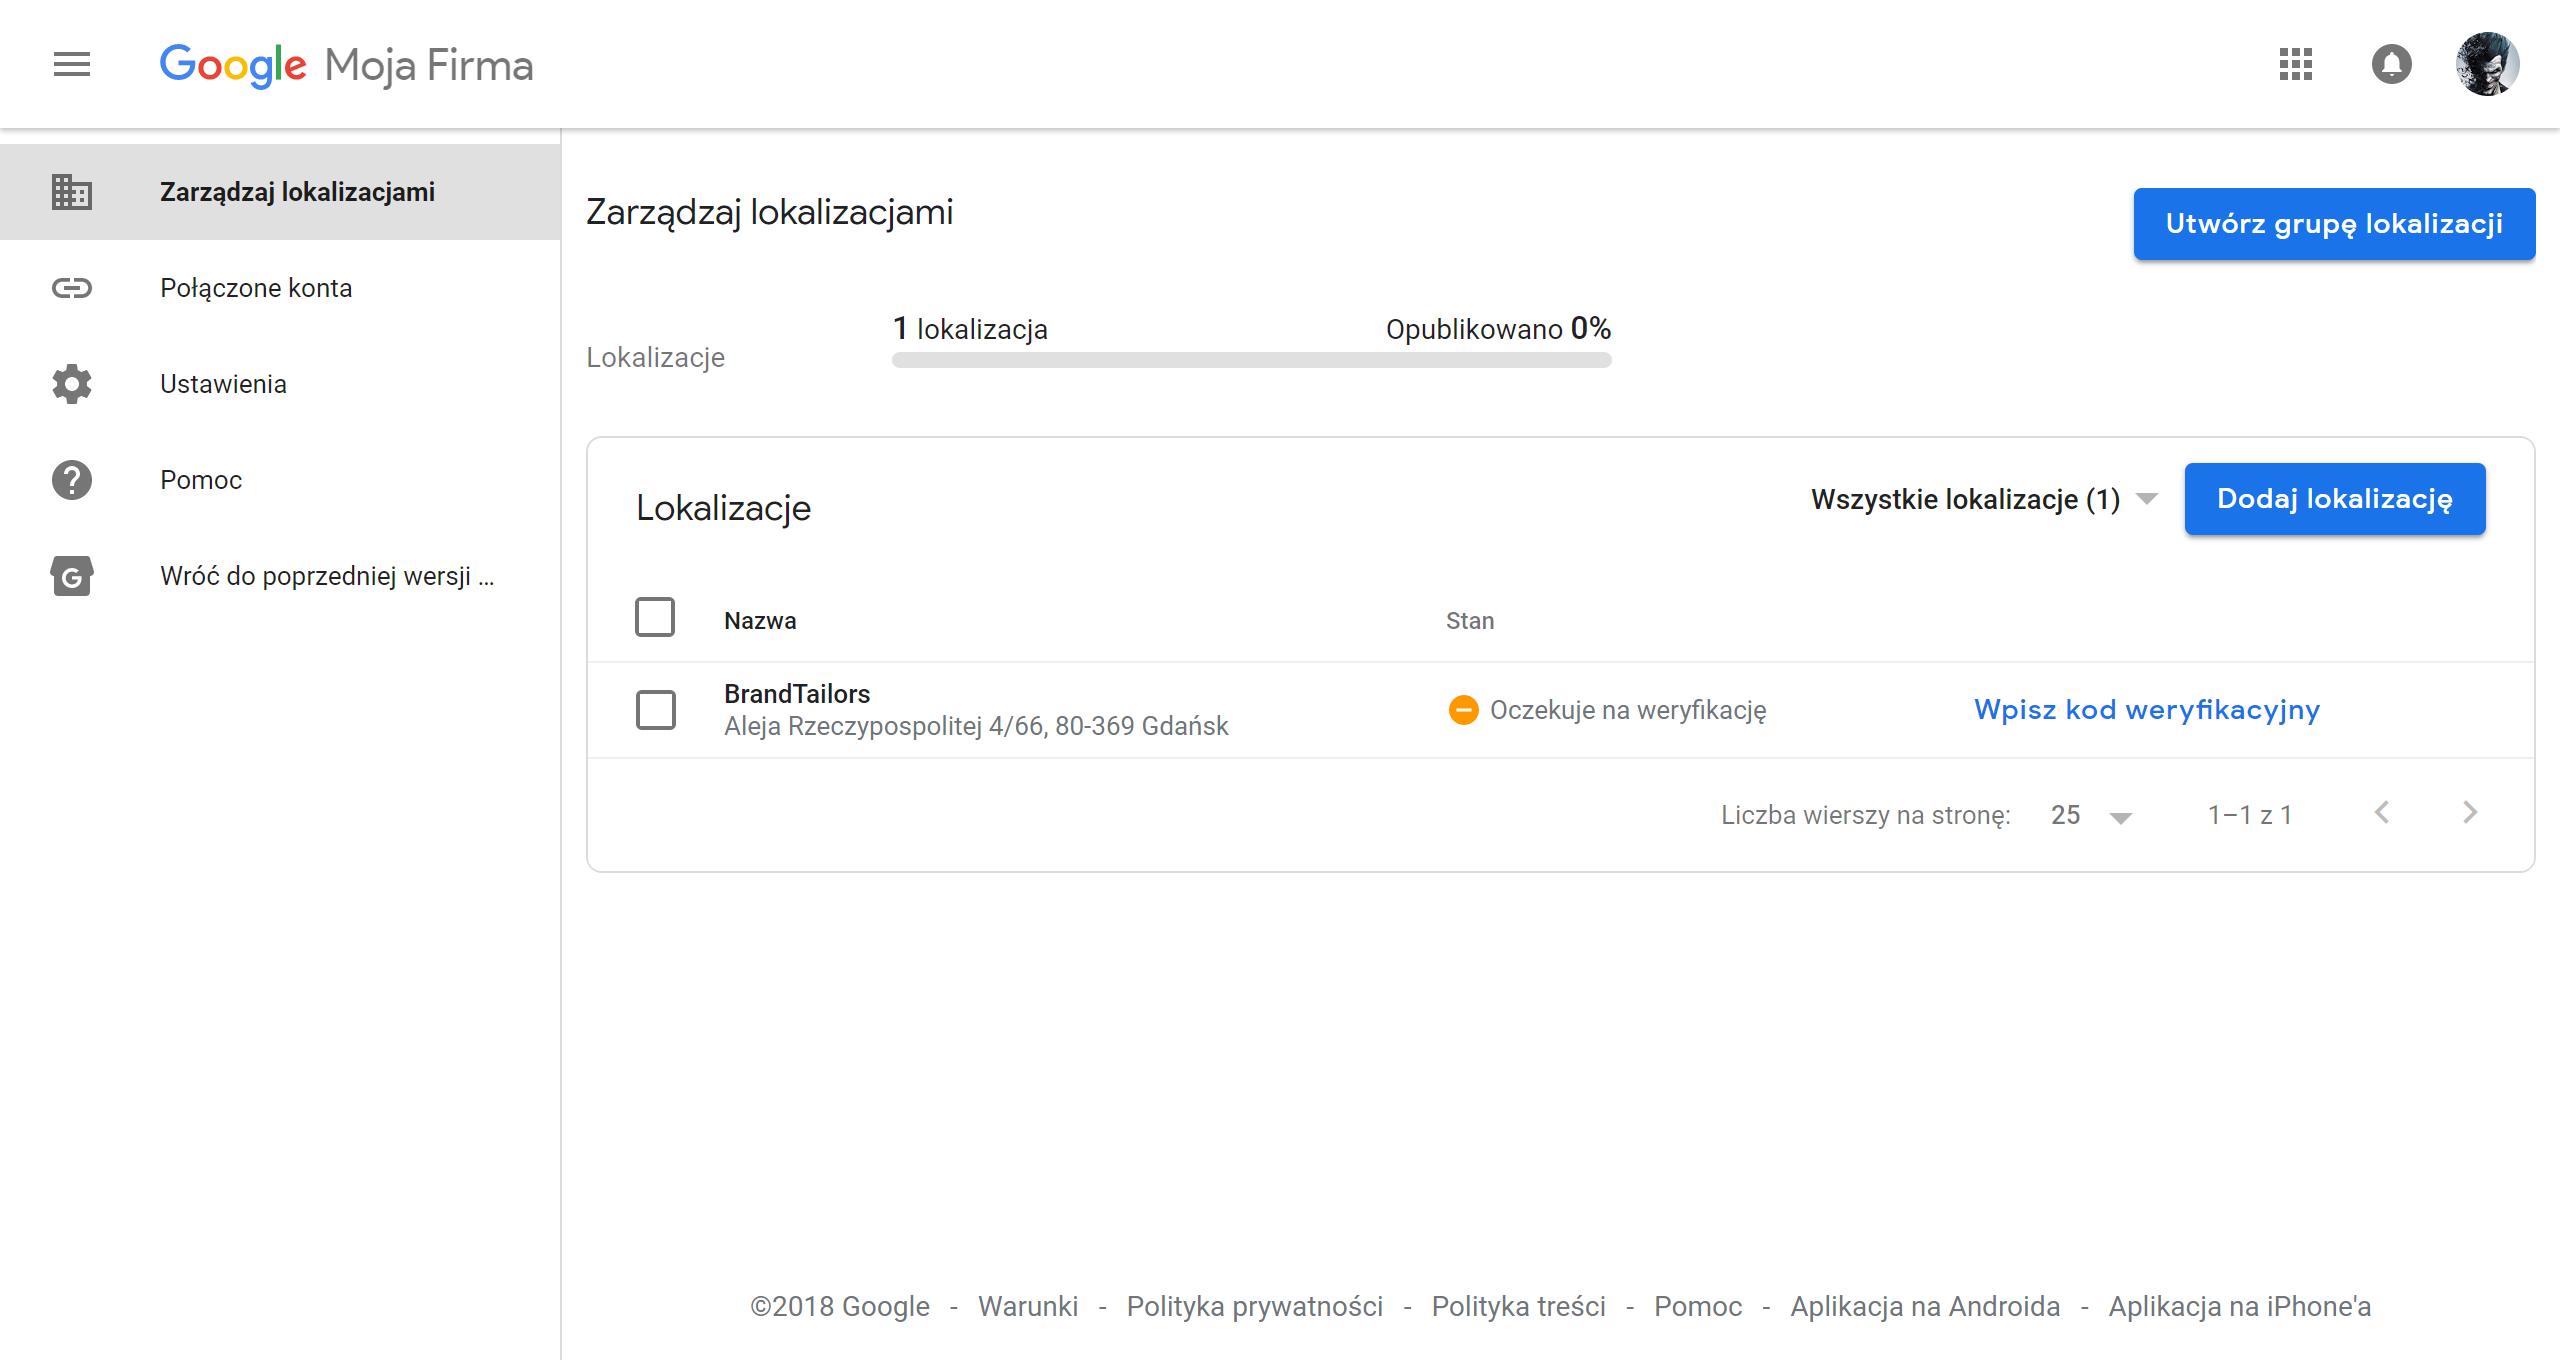 Weryfikacja-wizytówki-Google-moja-firma-BrandTailors